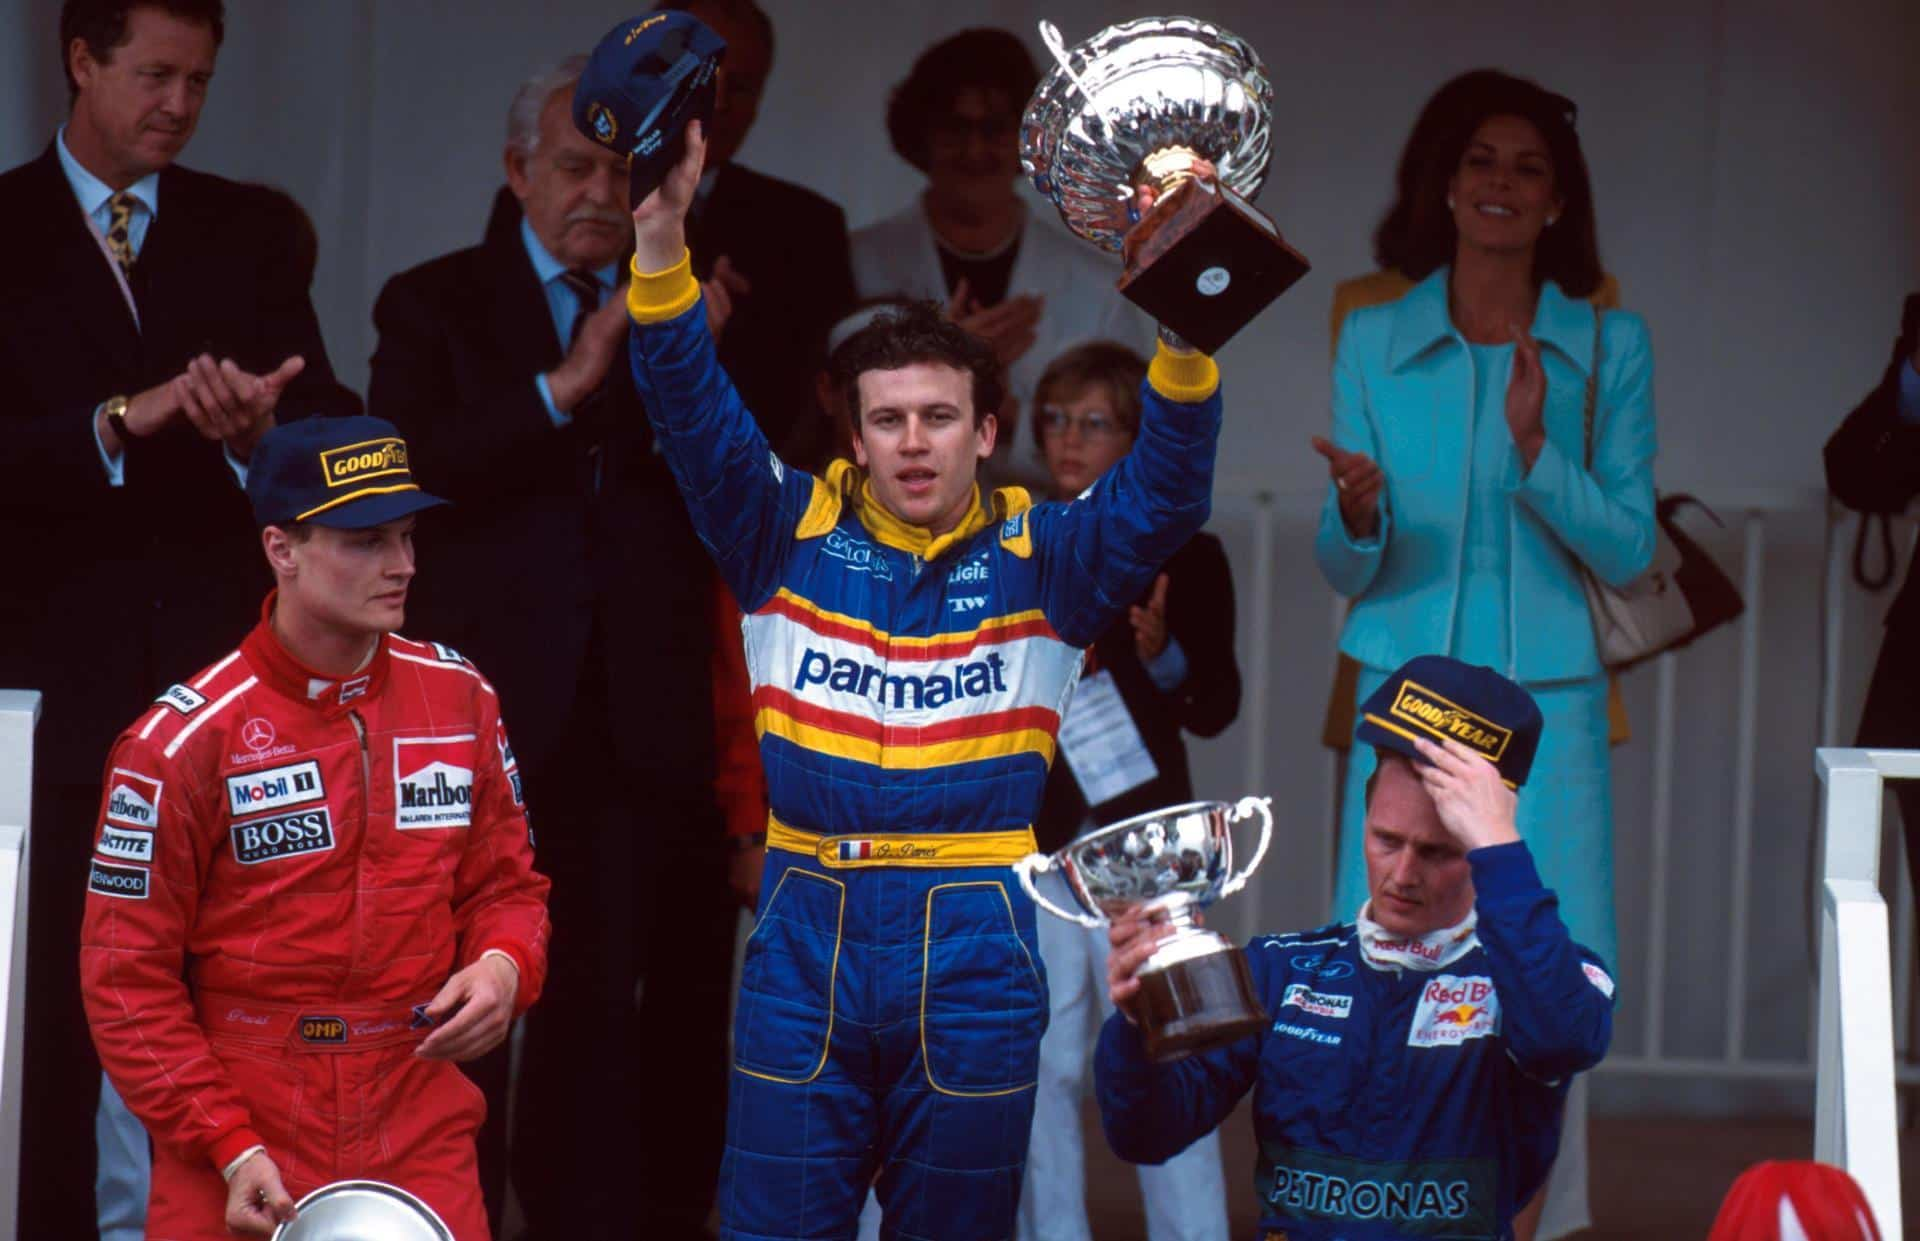 Monaco-1996-podium-F1-Panis-Couhtard-Her